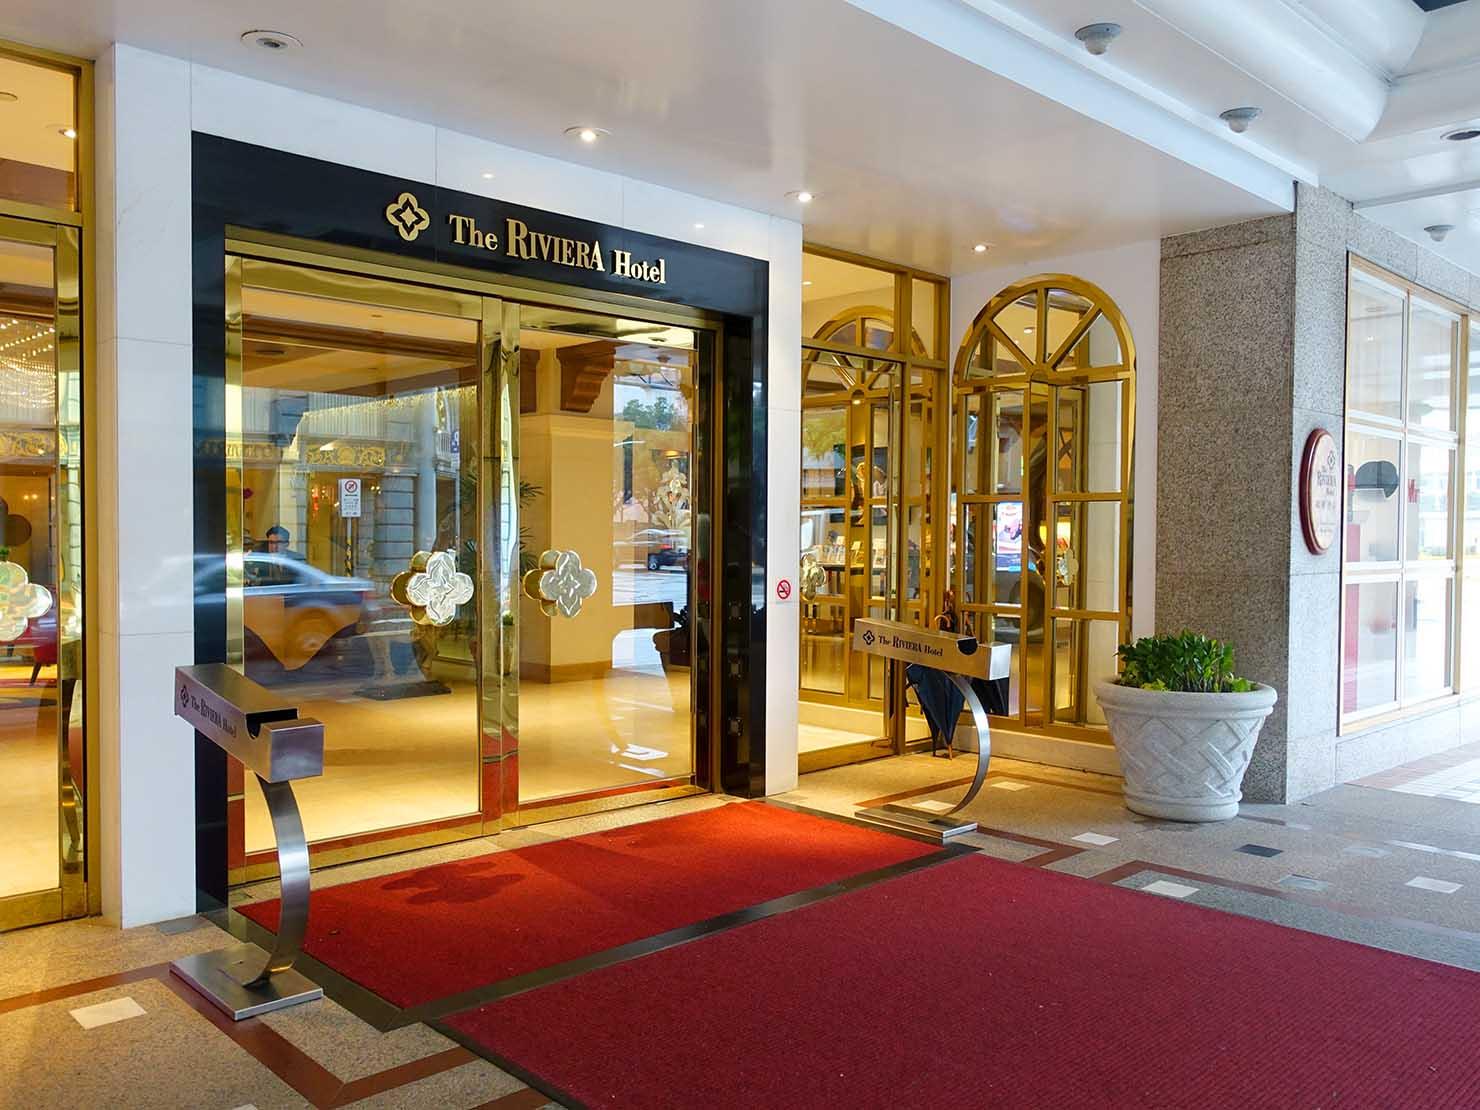 台北のおすすめ4つ星ホテル「歐華酒店(リビエラホテル)」のエントランス